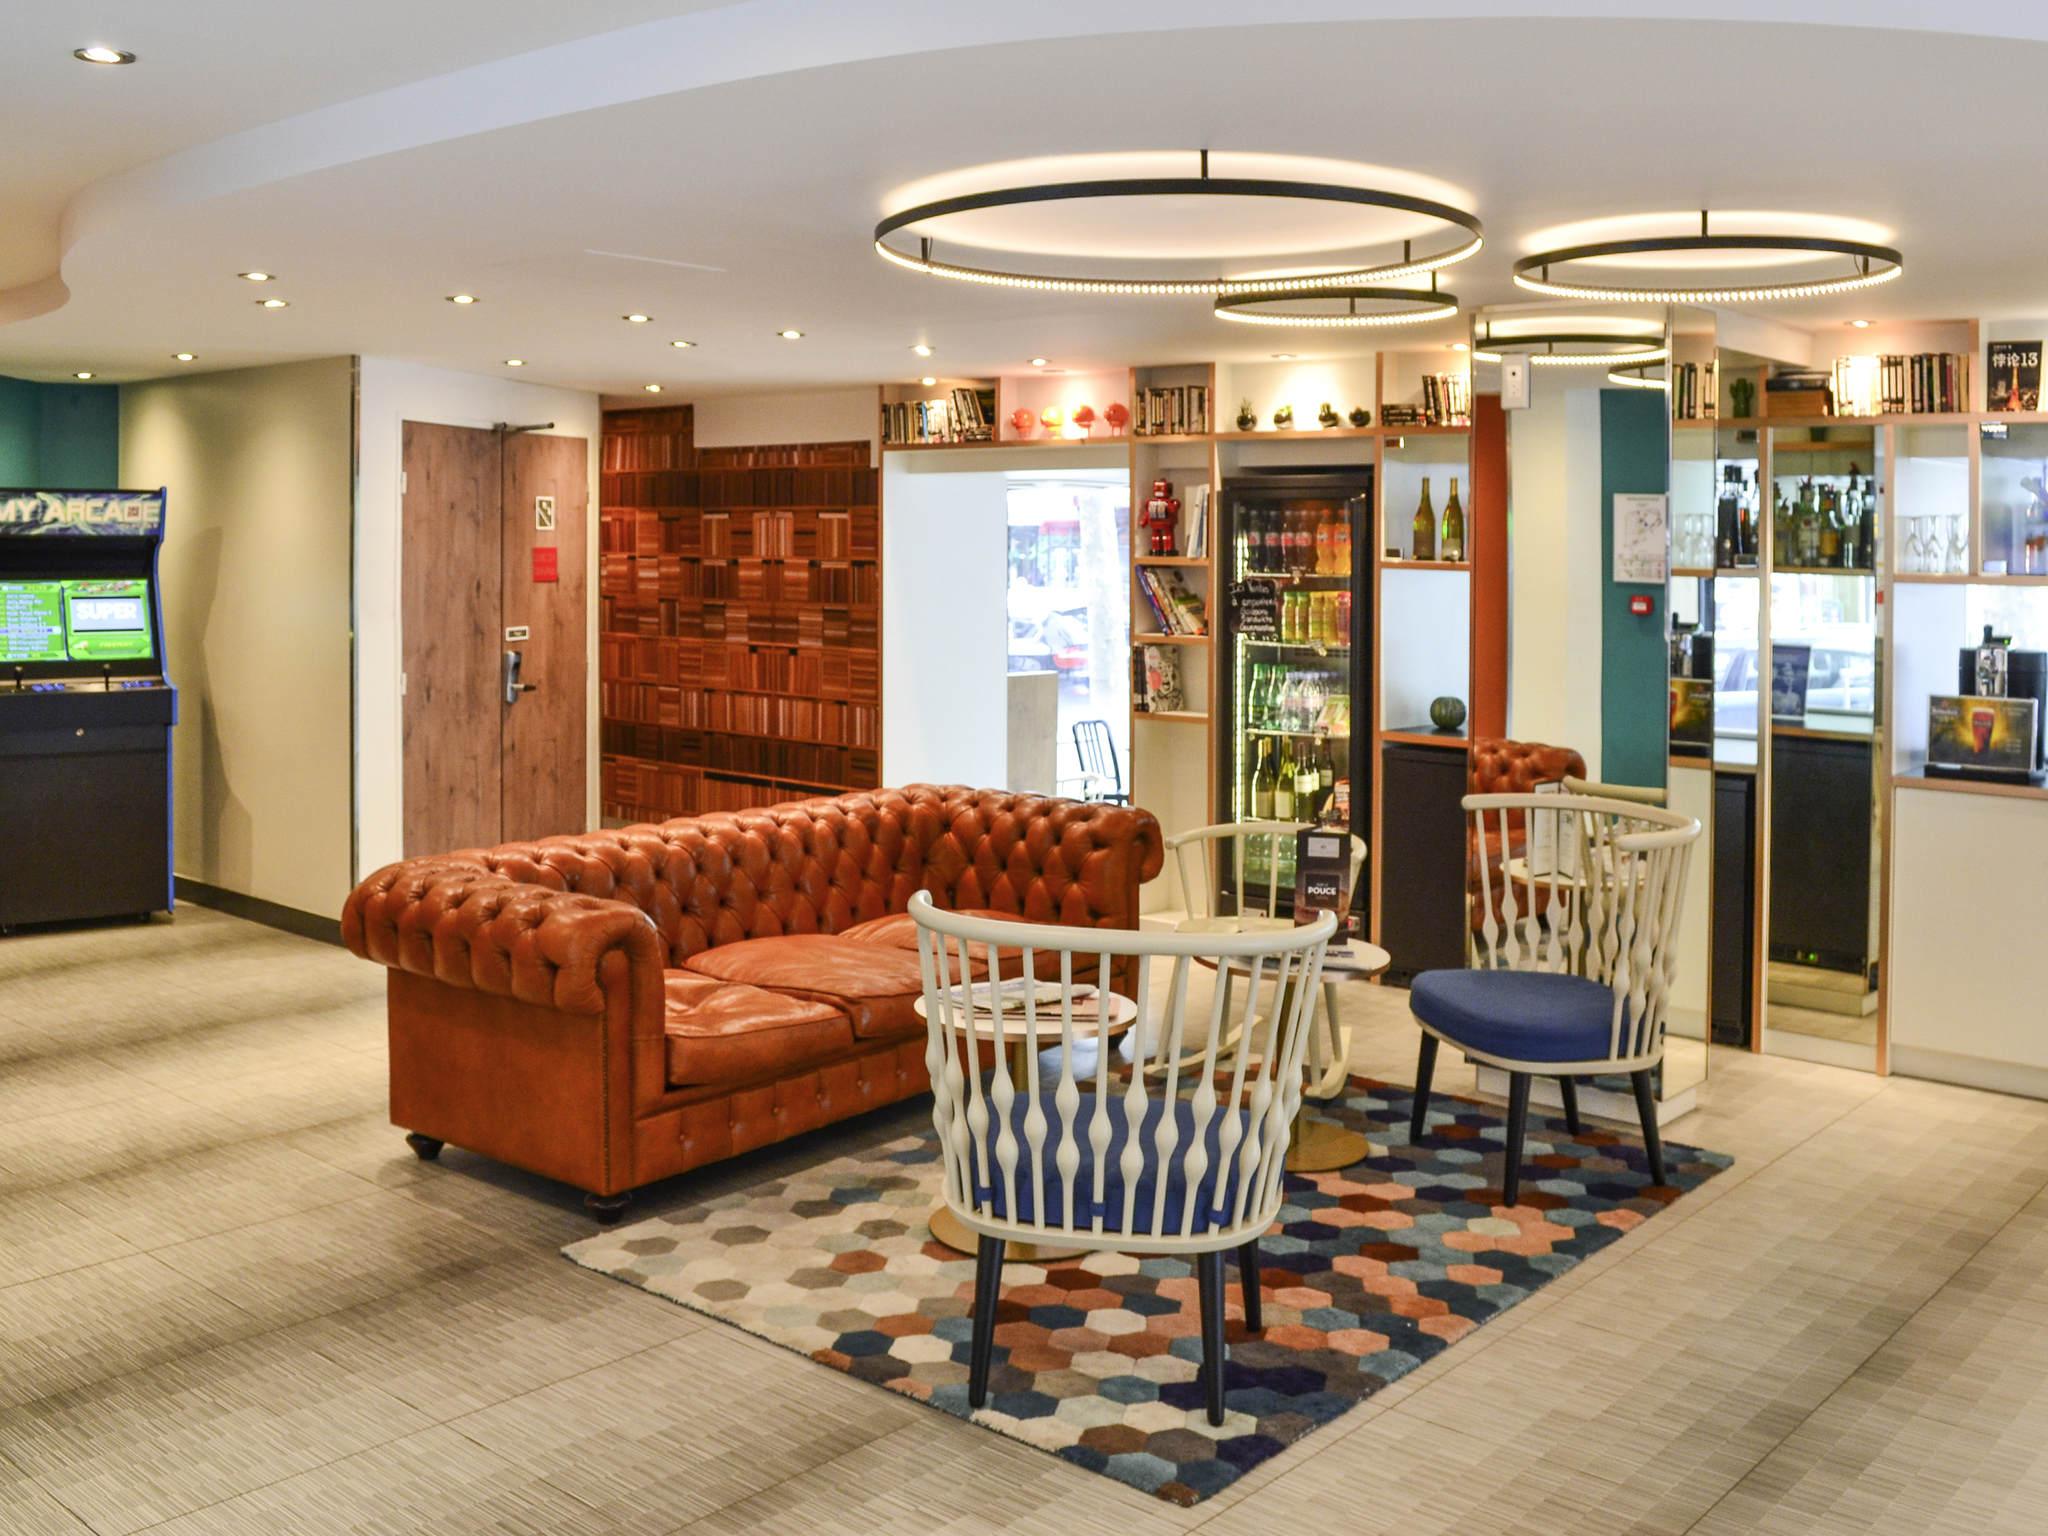 Hotel a parigi - ibis Parigi Gare de Lyon Diderot 12ème